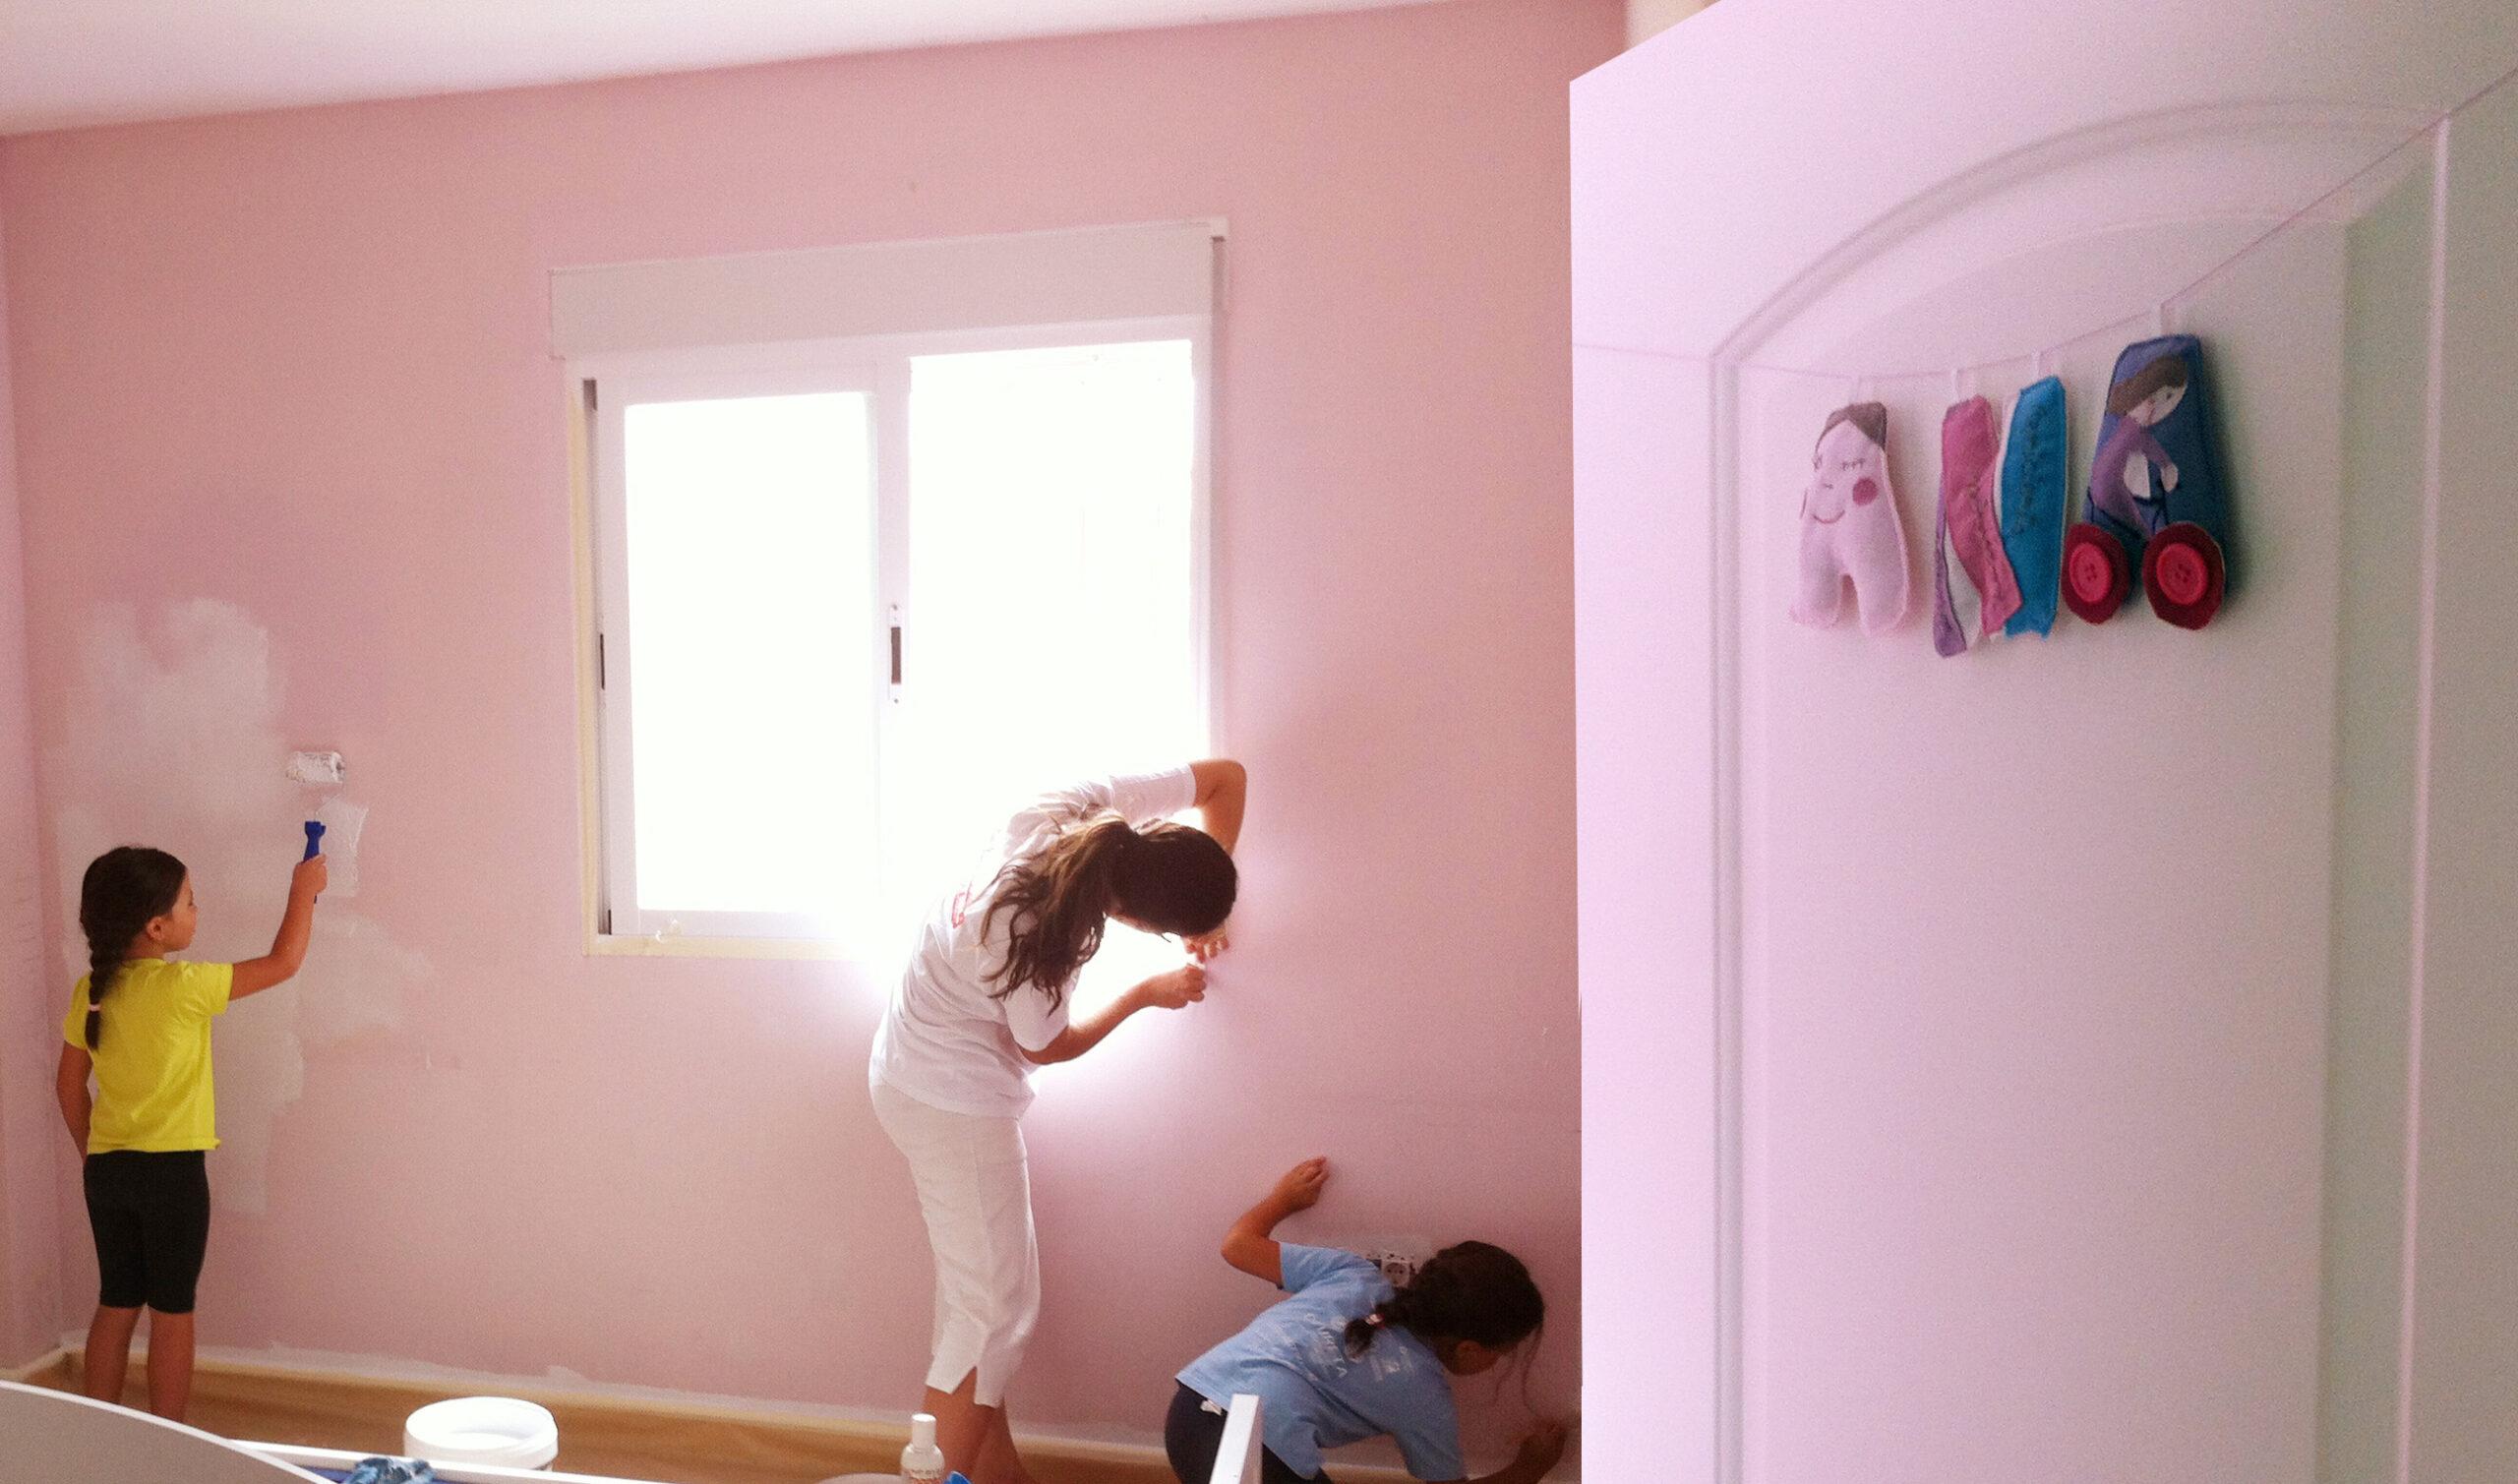 Pared de habitación con dibujo pintado